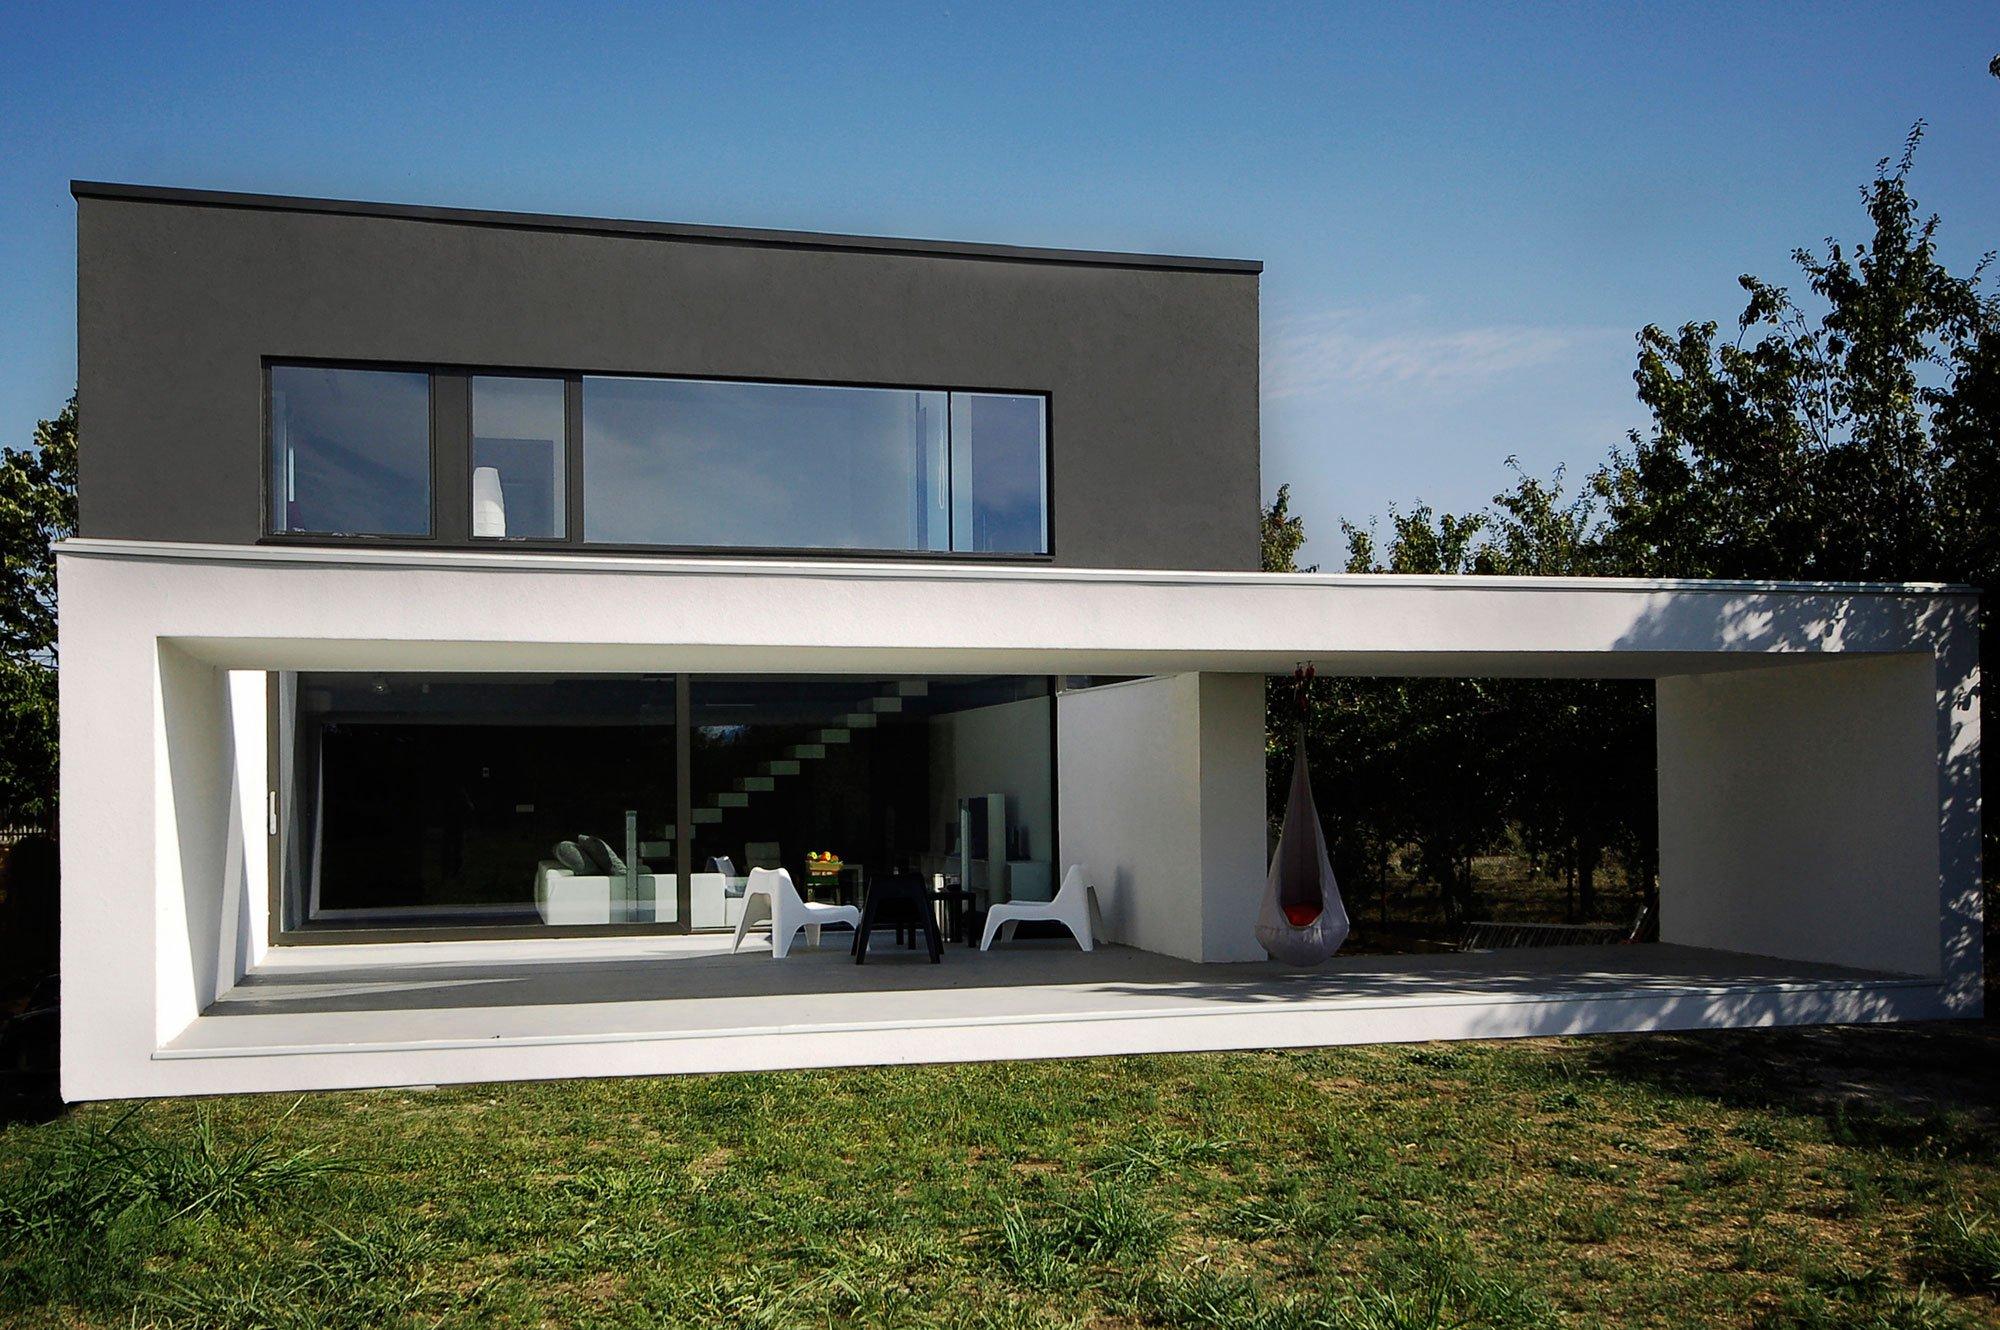 Fachada de casa de dos pisos en blanco y negro android for Fachada de casas